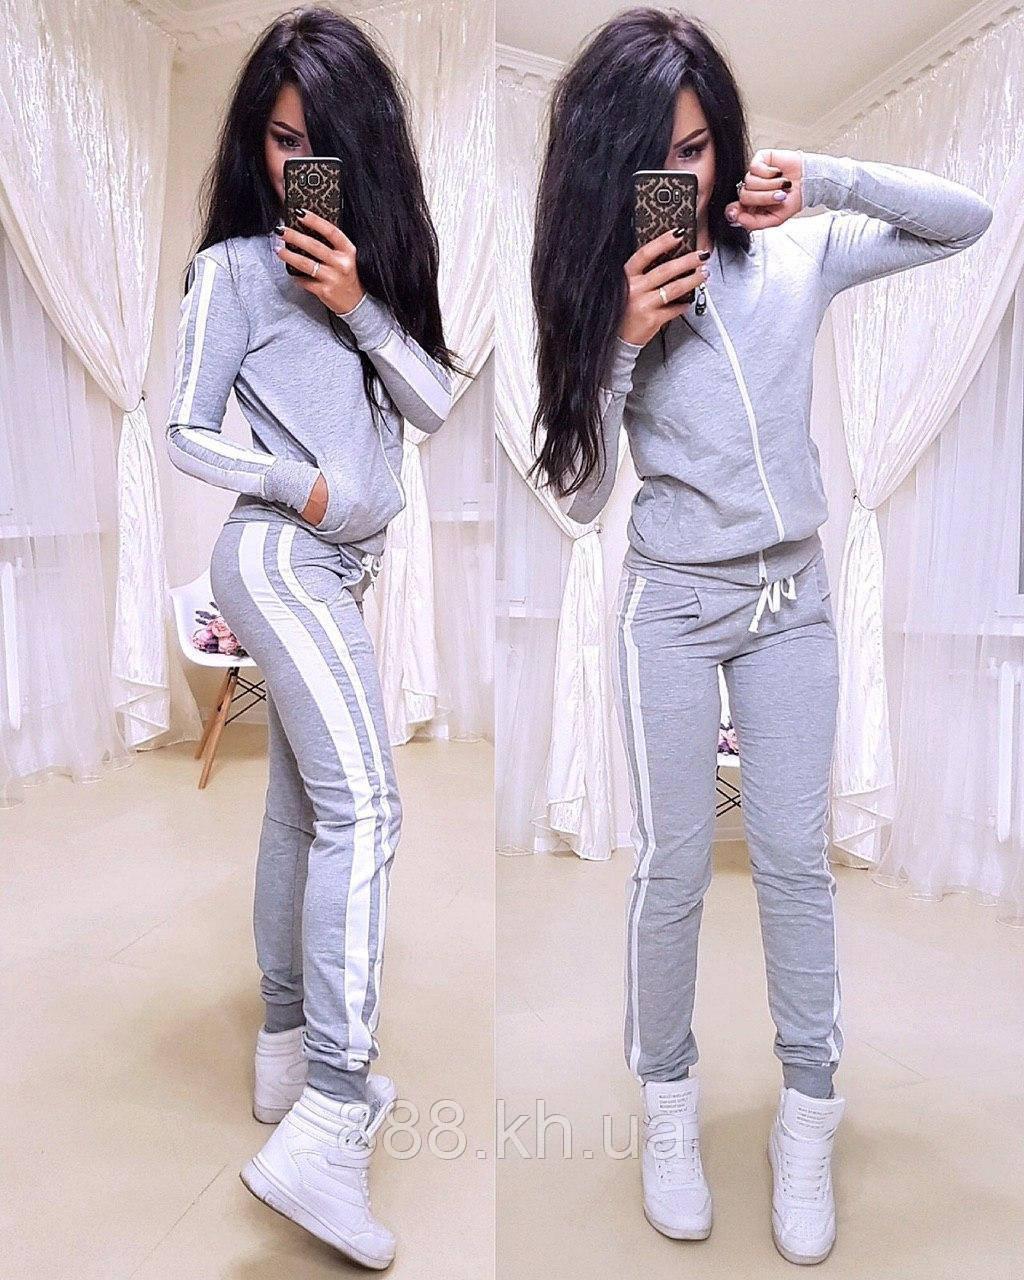 Женский спортивный костюм с лампасом, большие размеры, S/M/L/XL//2XL/3XL/4XL (серый)